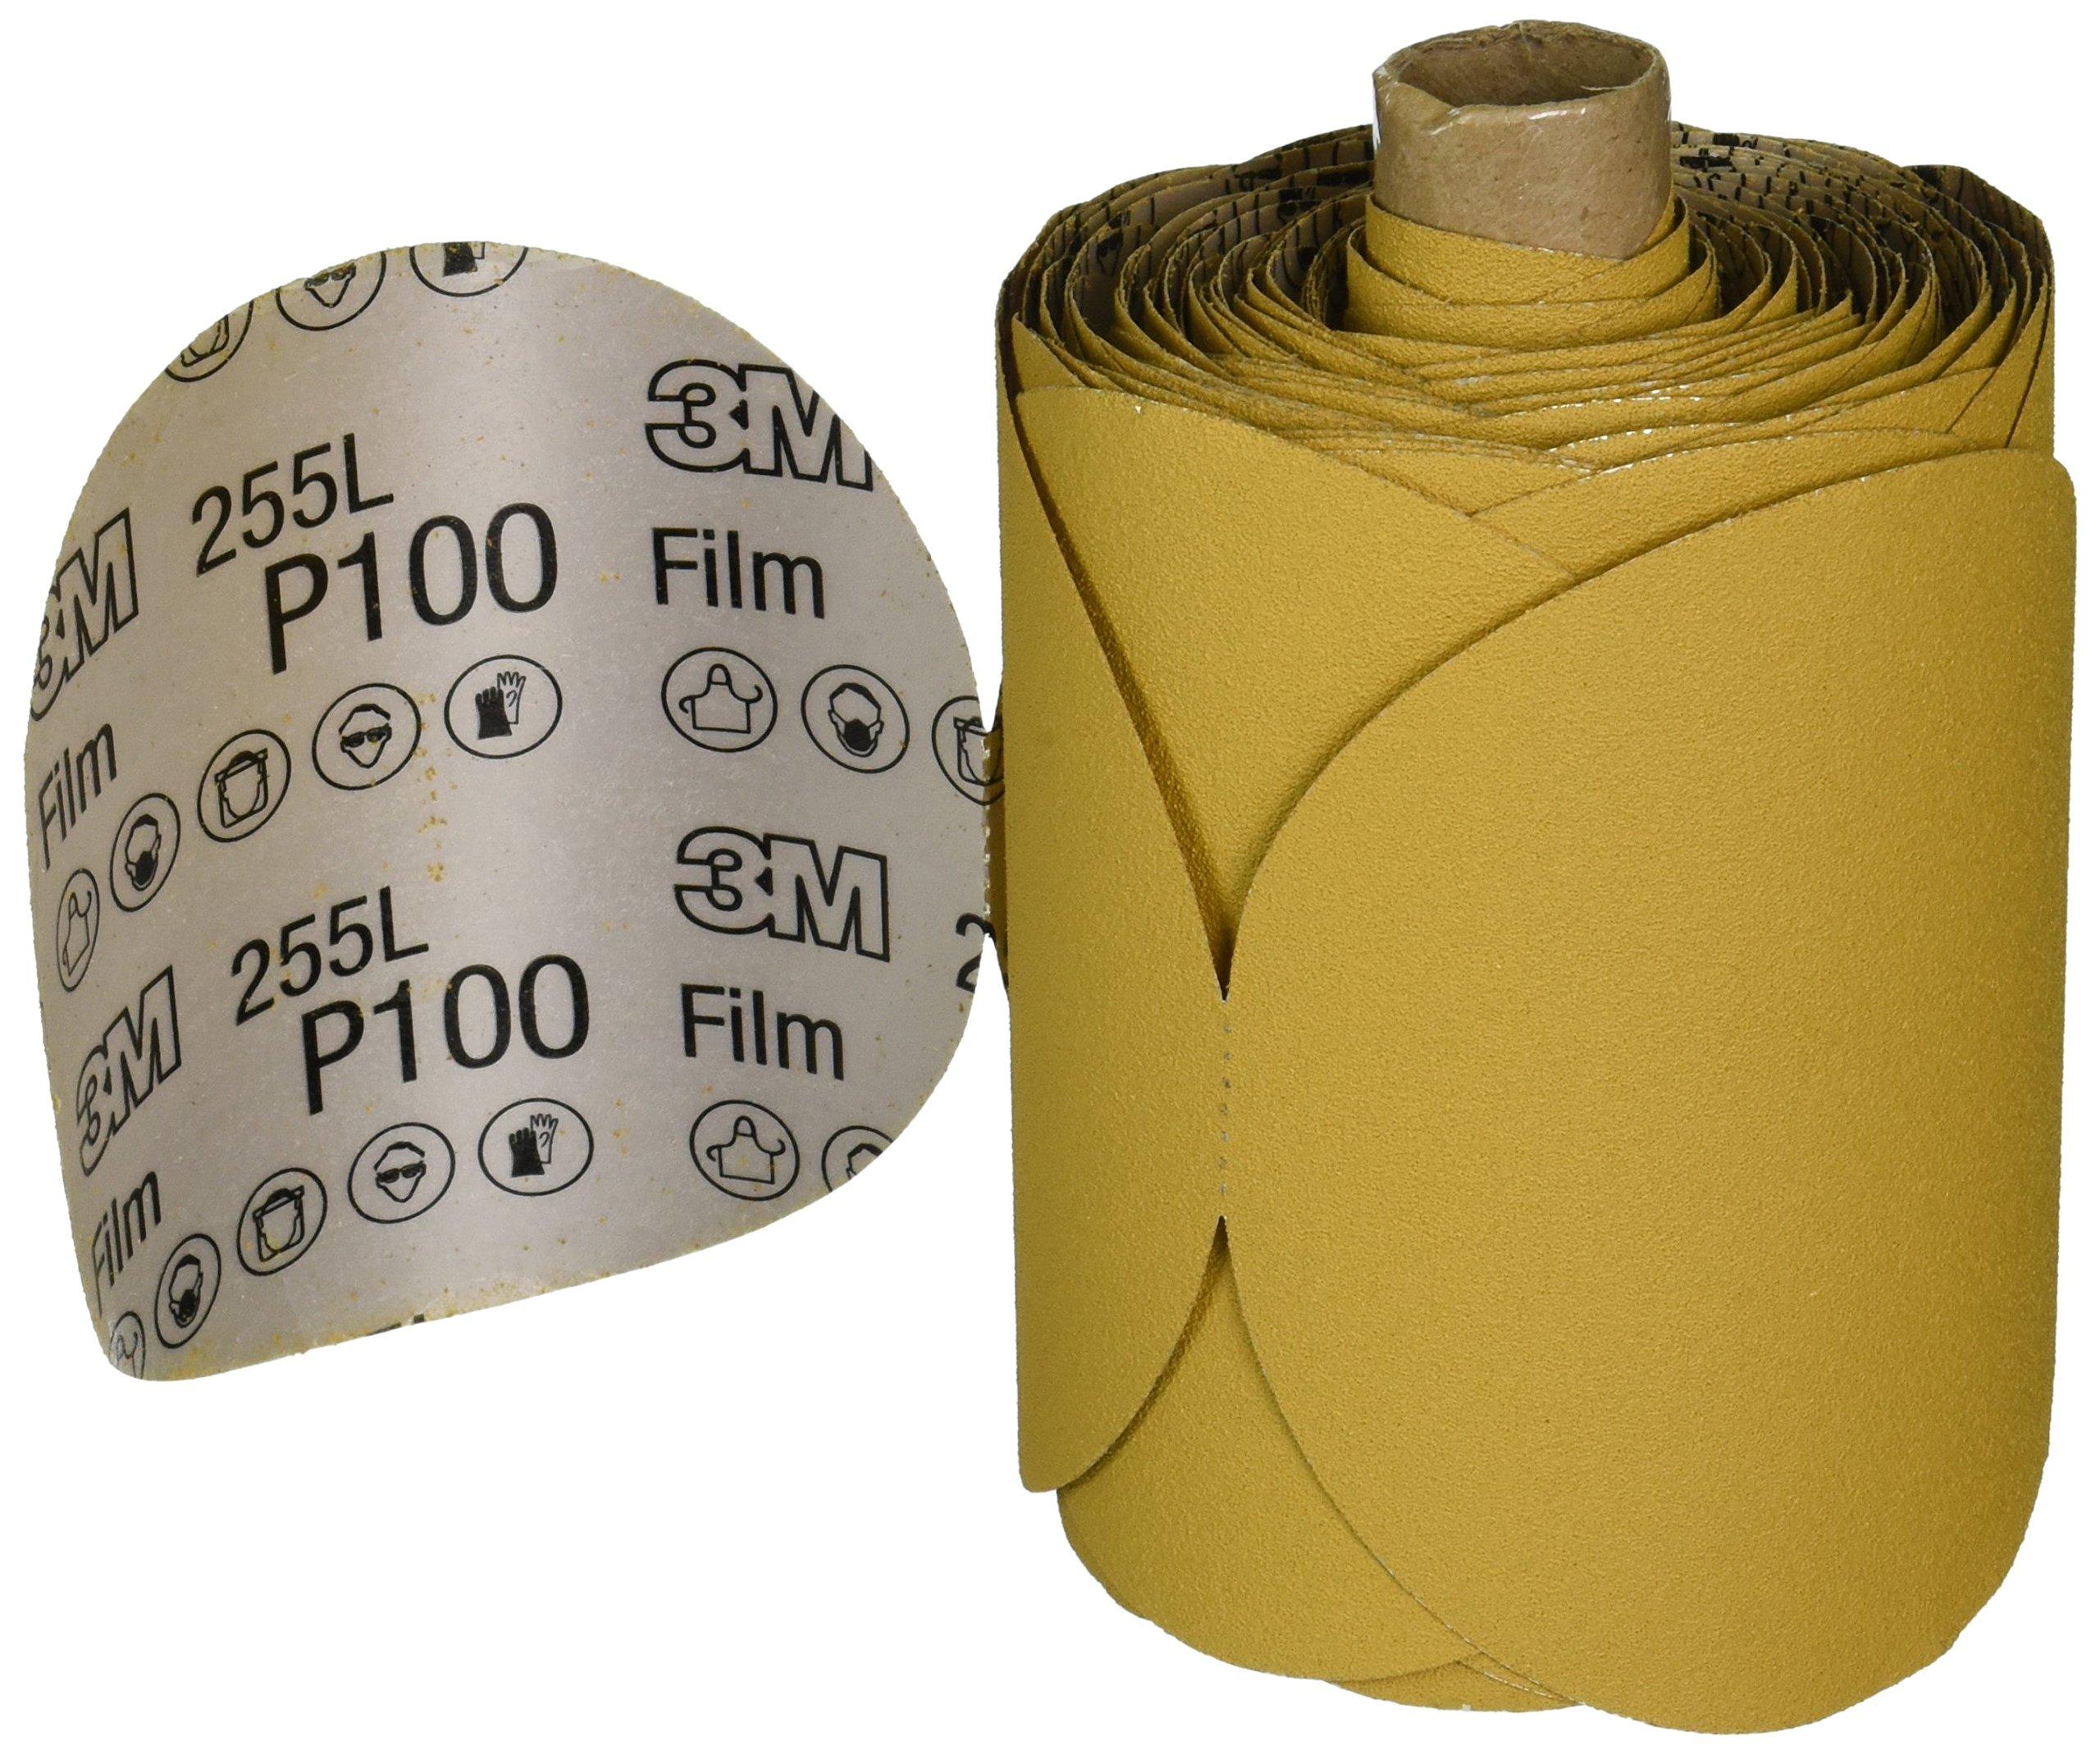 3M Stikit Gold Film Disc Roll 255L, PSA Attachment, Aluminum Oxide, 5'' Diameter, P100 Grit